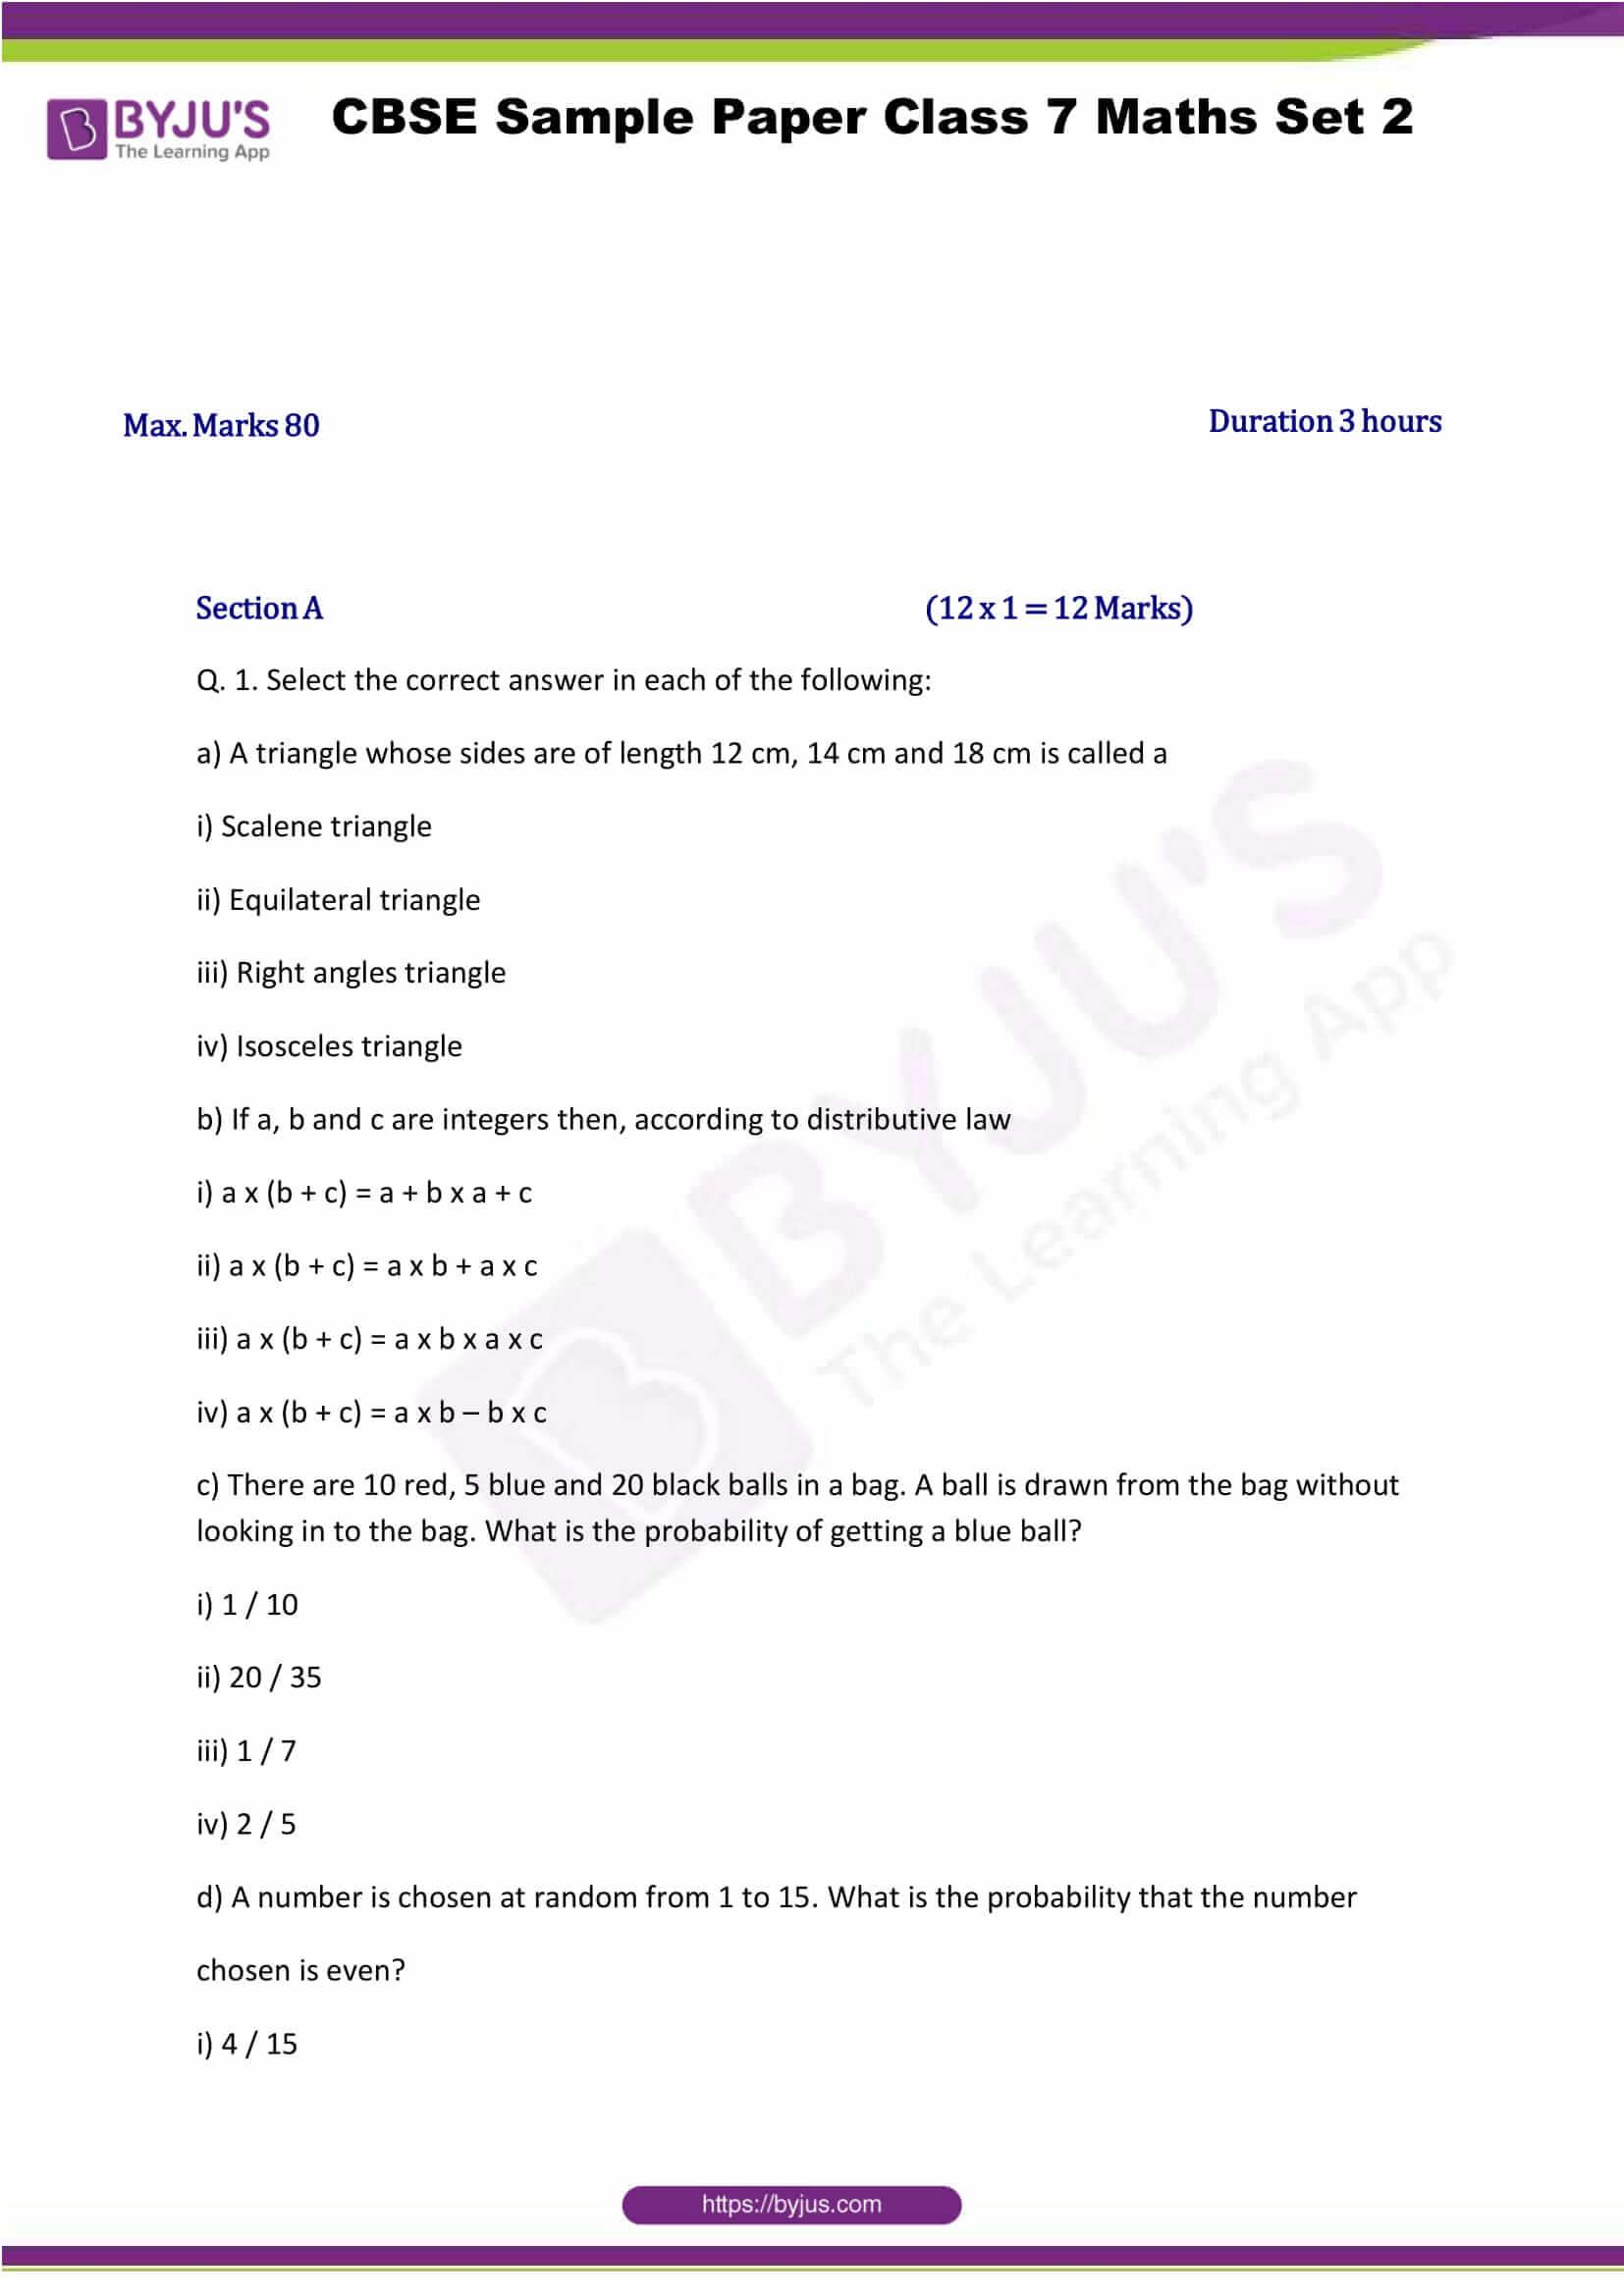 cbse sample paper class 7 maths set 2